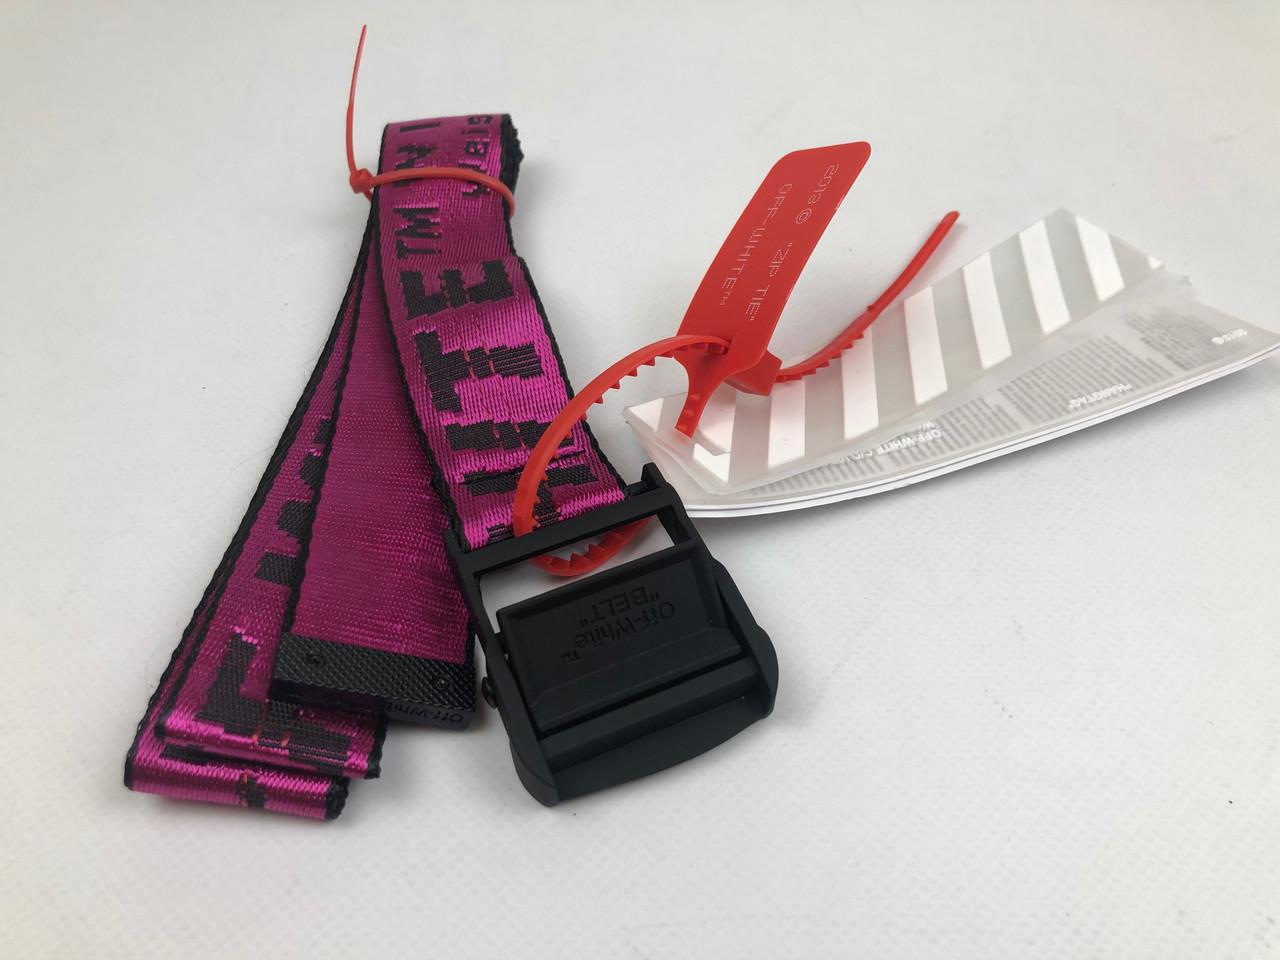 Ремень Пояс Off-White Original Belt Офф Вайт 150 см Малиновый с черной пряжкой